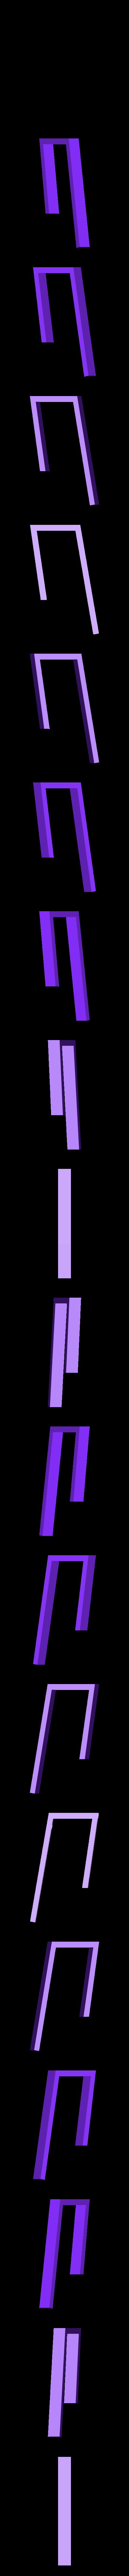 marker_holder_part1_x2.stl Télécharger fichier STL gratuit à la planche pour l'éponge et les marqueurs • Plan à imprimer en 3D, mariospeed